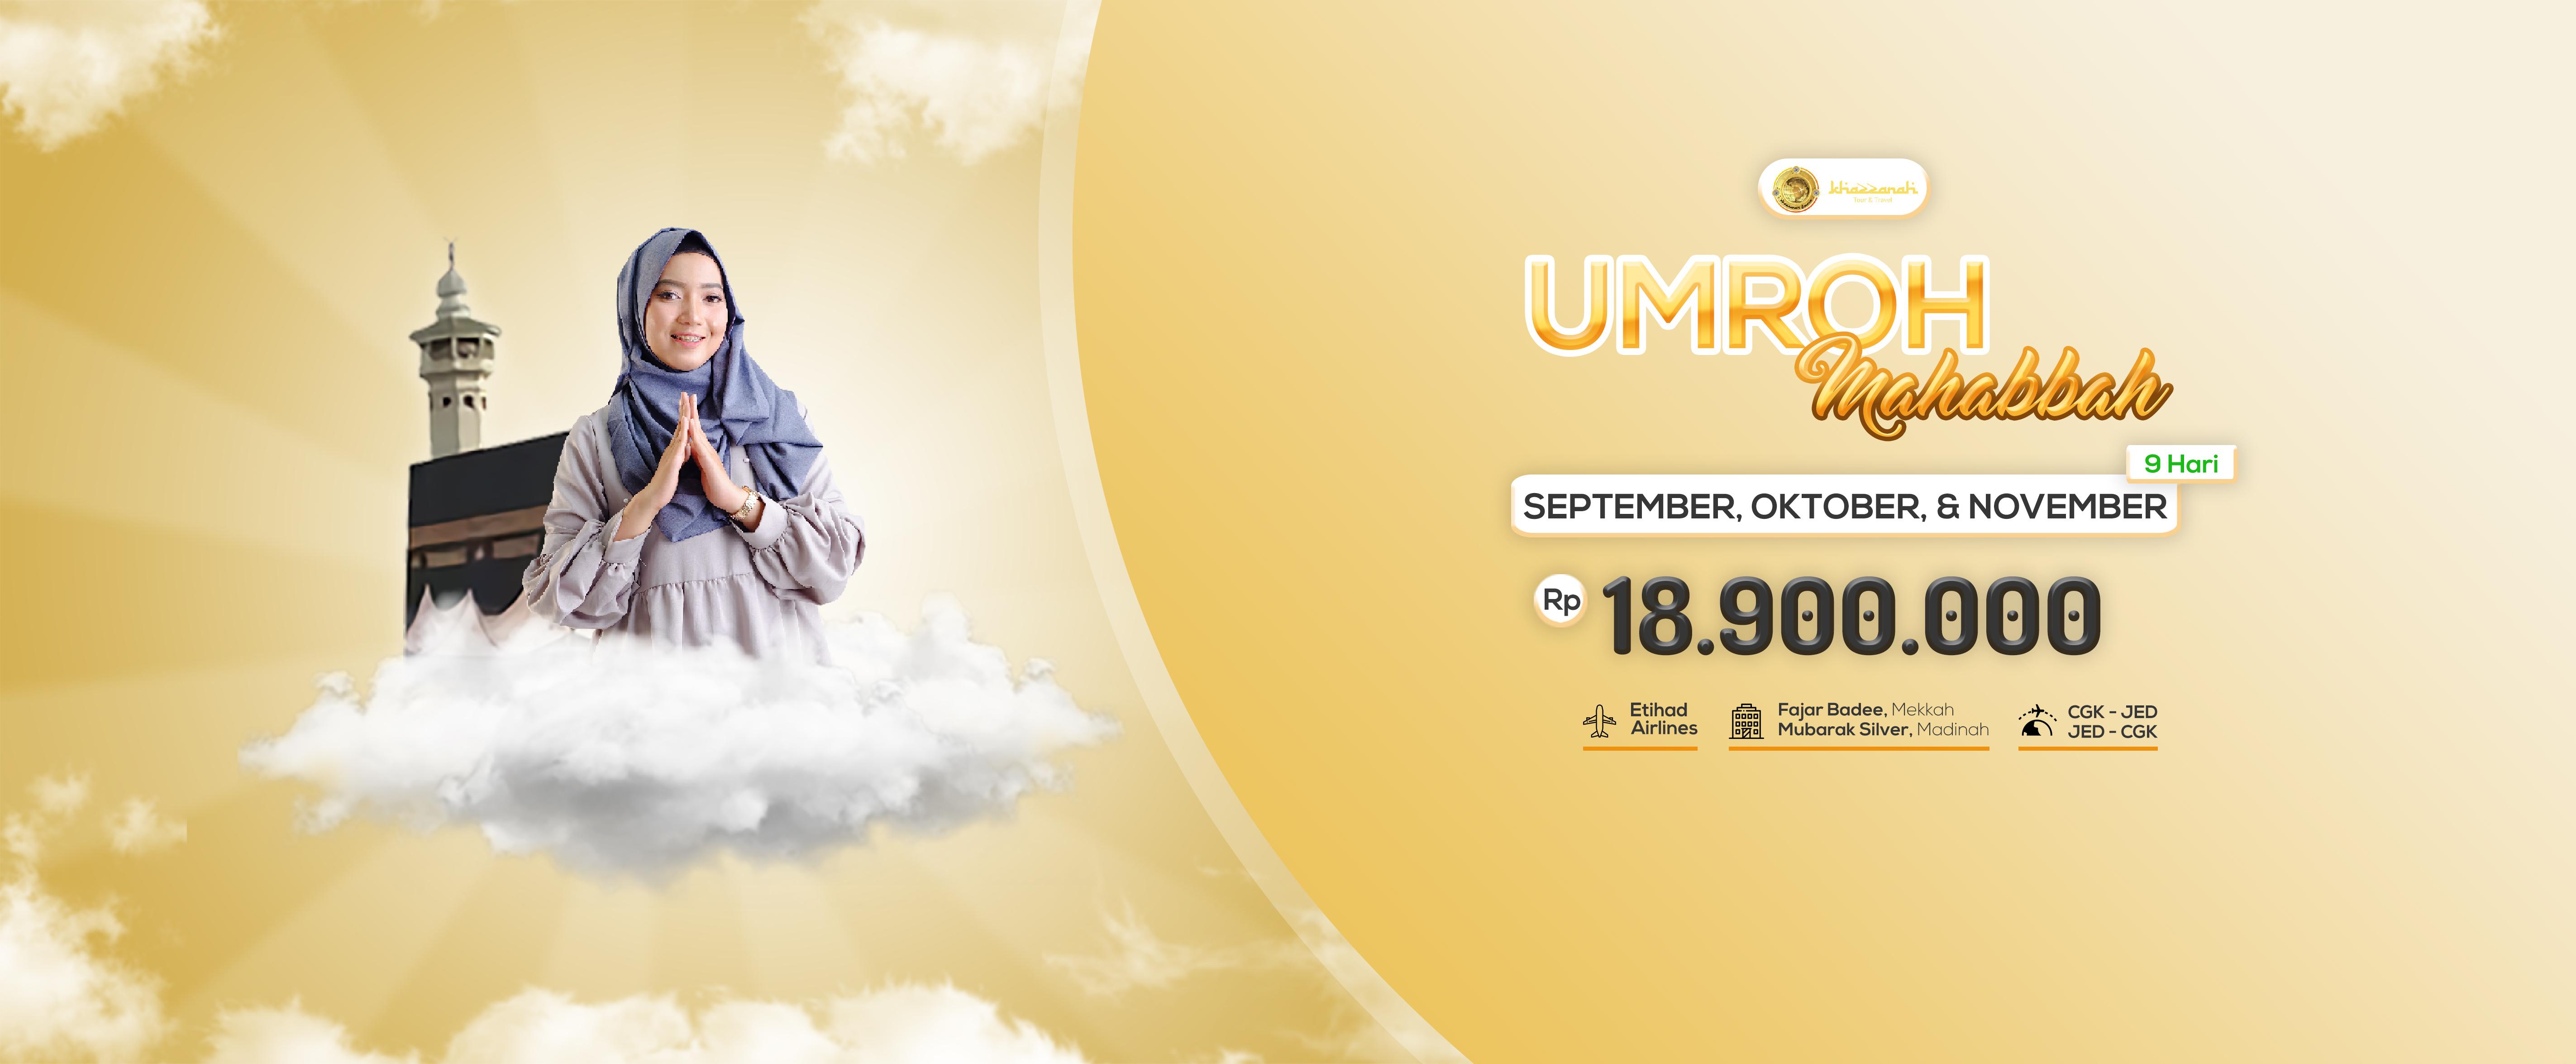 UmrohPromo2021